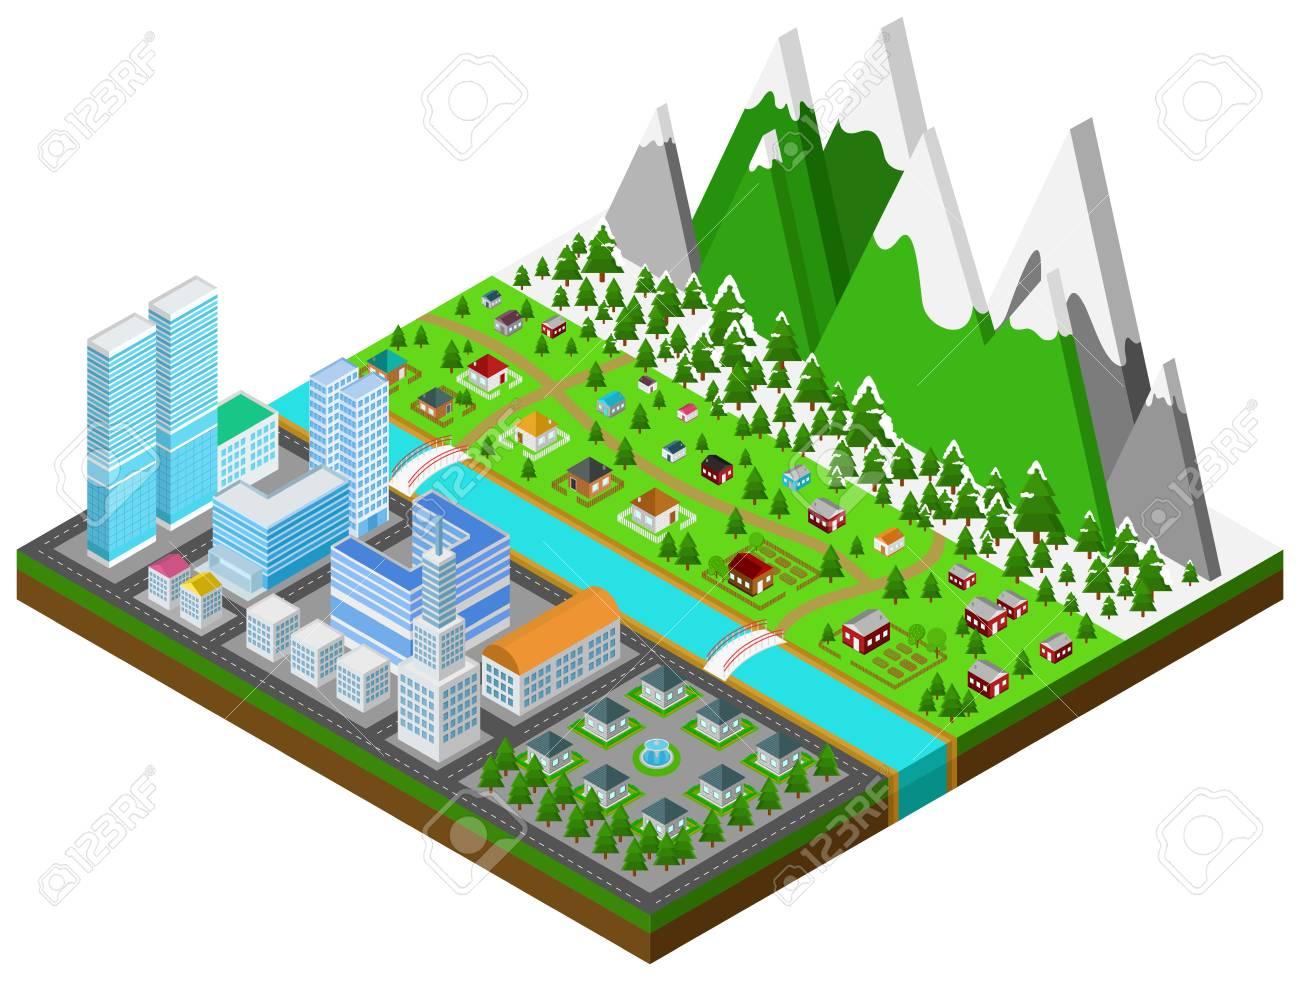 Architettura Del Verde costruzione grafica, immobiliare, casa e architettura del paesaggio urbano  in città separata dalla città naturale della campagna.